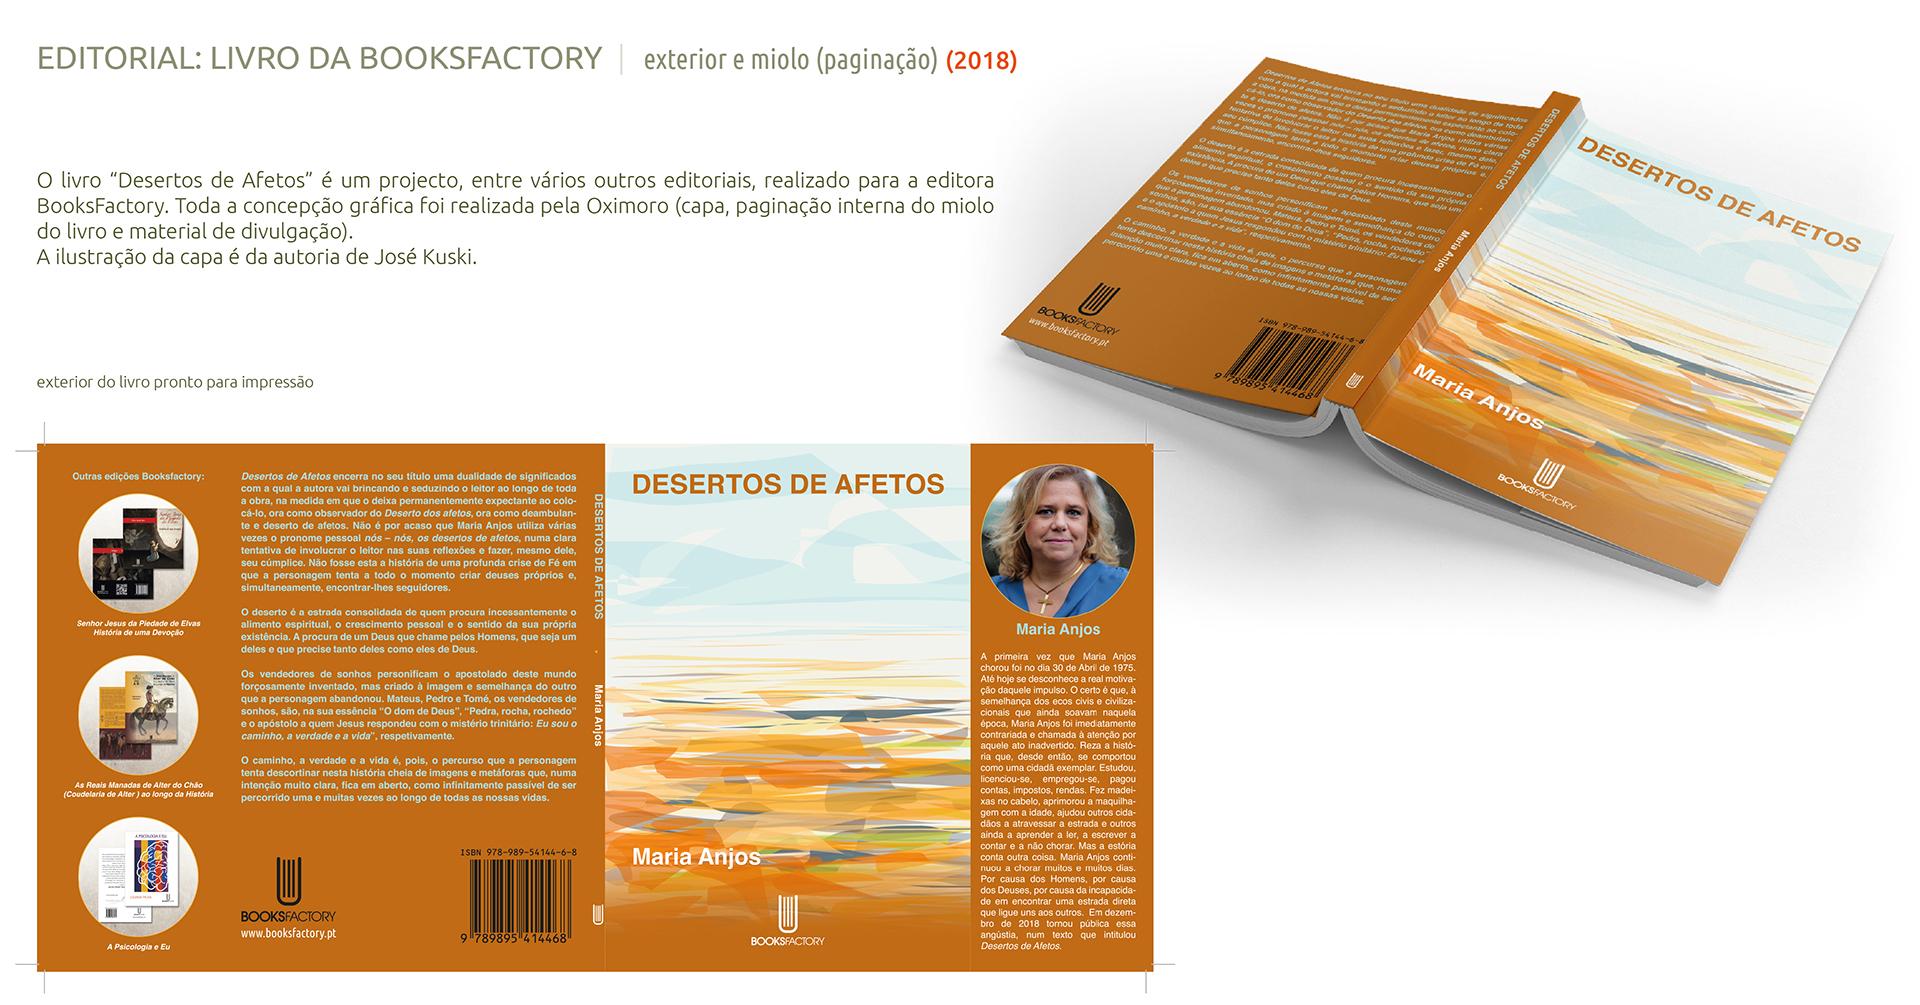 apresentacao_site_livro_200705